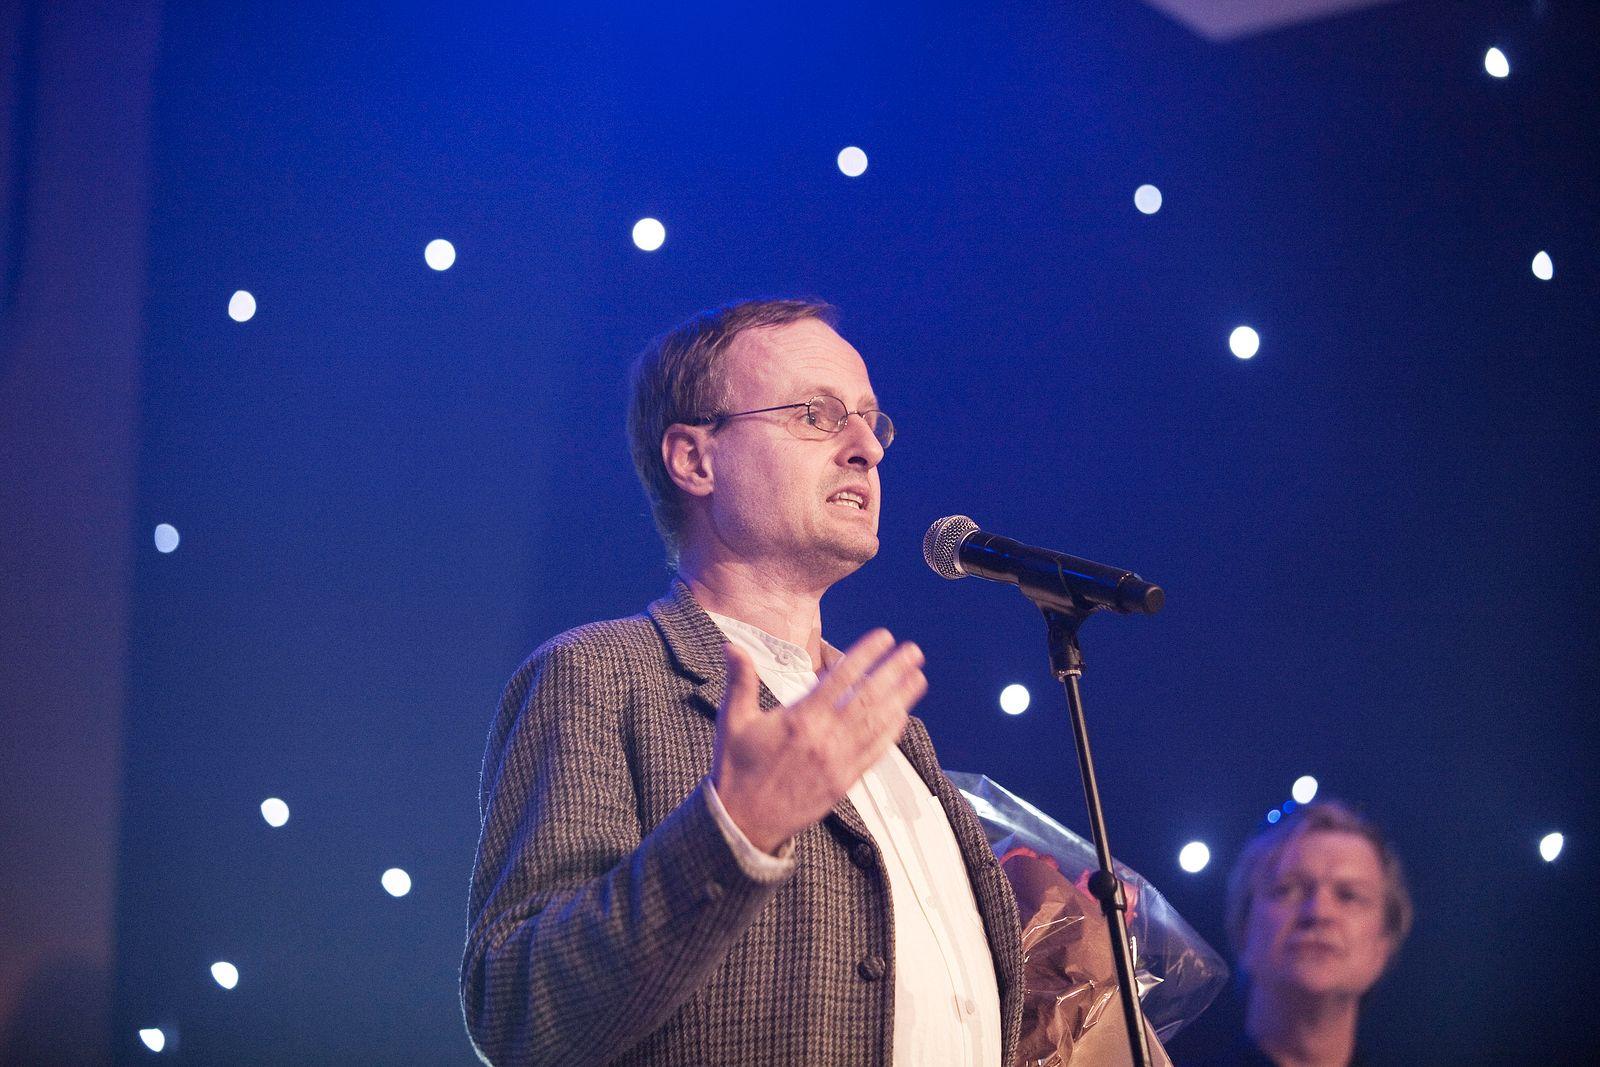 Hedersprisen gikk i år til et selskap og ikke en enkeltperson. Håkon Wium Lie mottok prisen.Foto: nokomdet.no